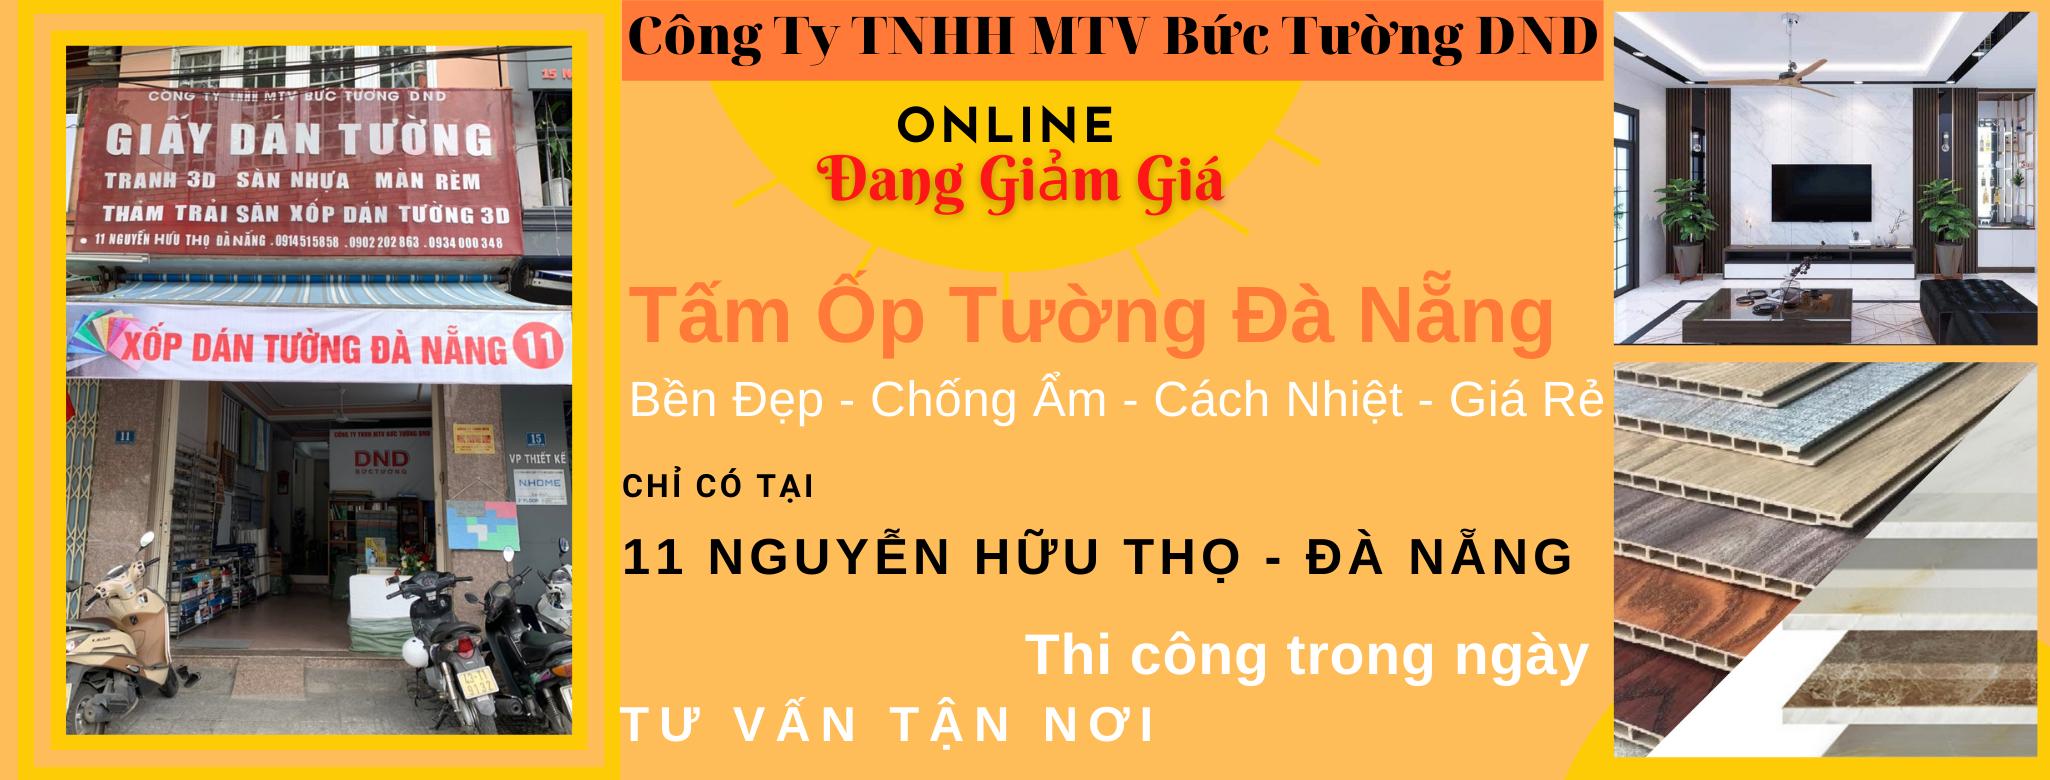 tam-op-tuong-da-nang-gia-re